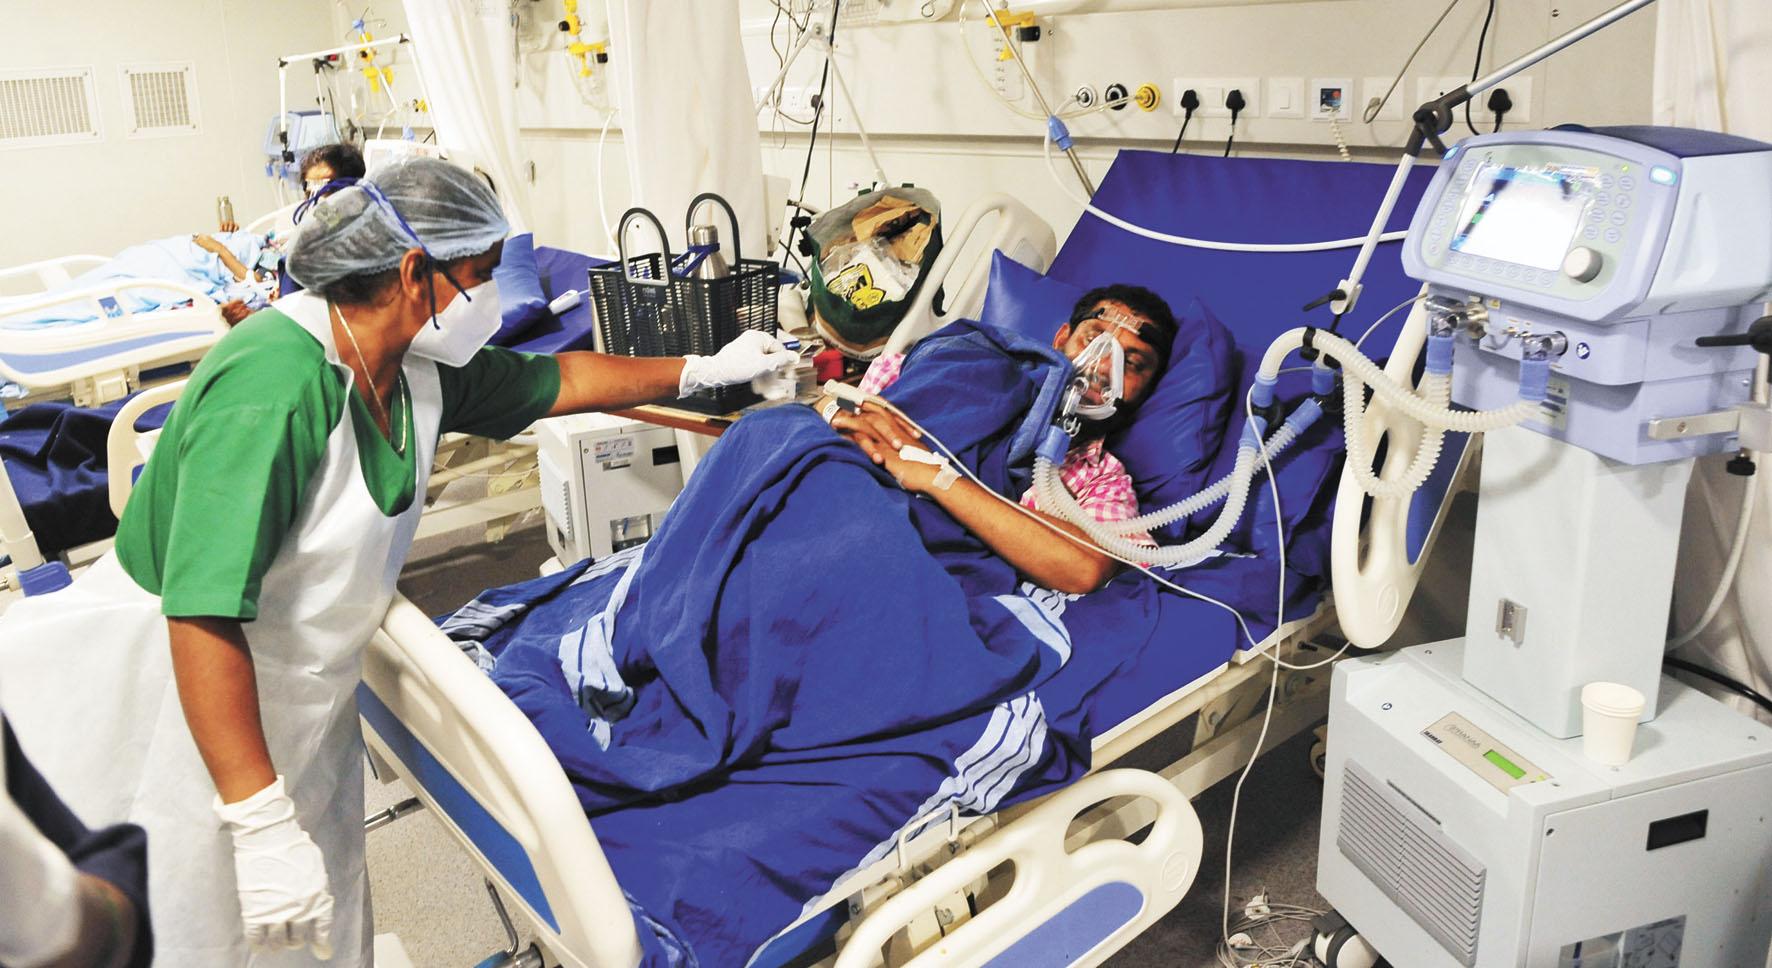 瑞銀認為,印度新冠病毒確診病例的急劇增加,不會阻止該國市場在2021年創下首次公開募股(IPO)的紀錄。圖為新冠患者在印度班加羅爾的一家醫院接受治療。新華社資料圖片